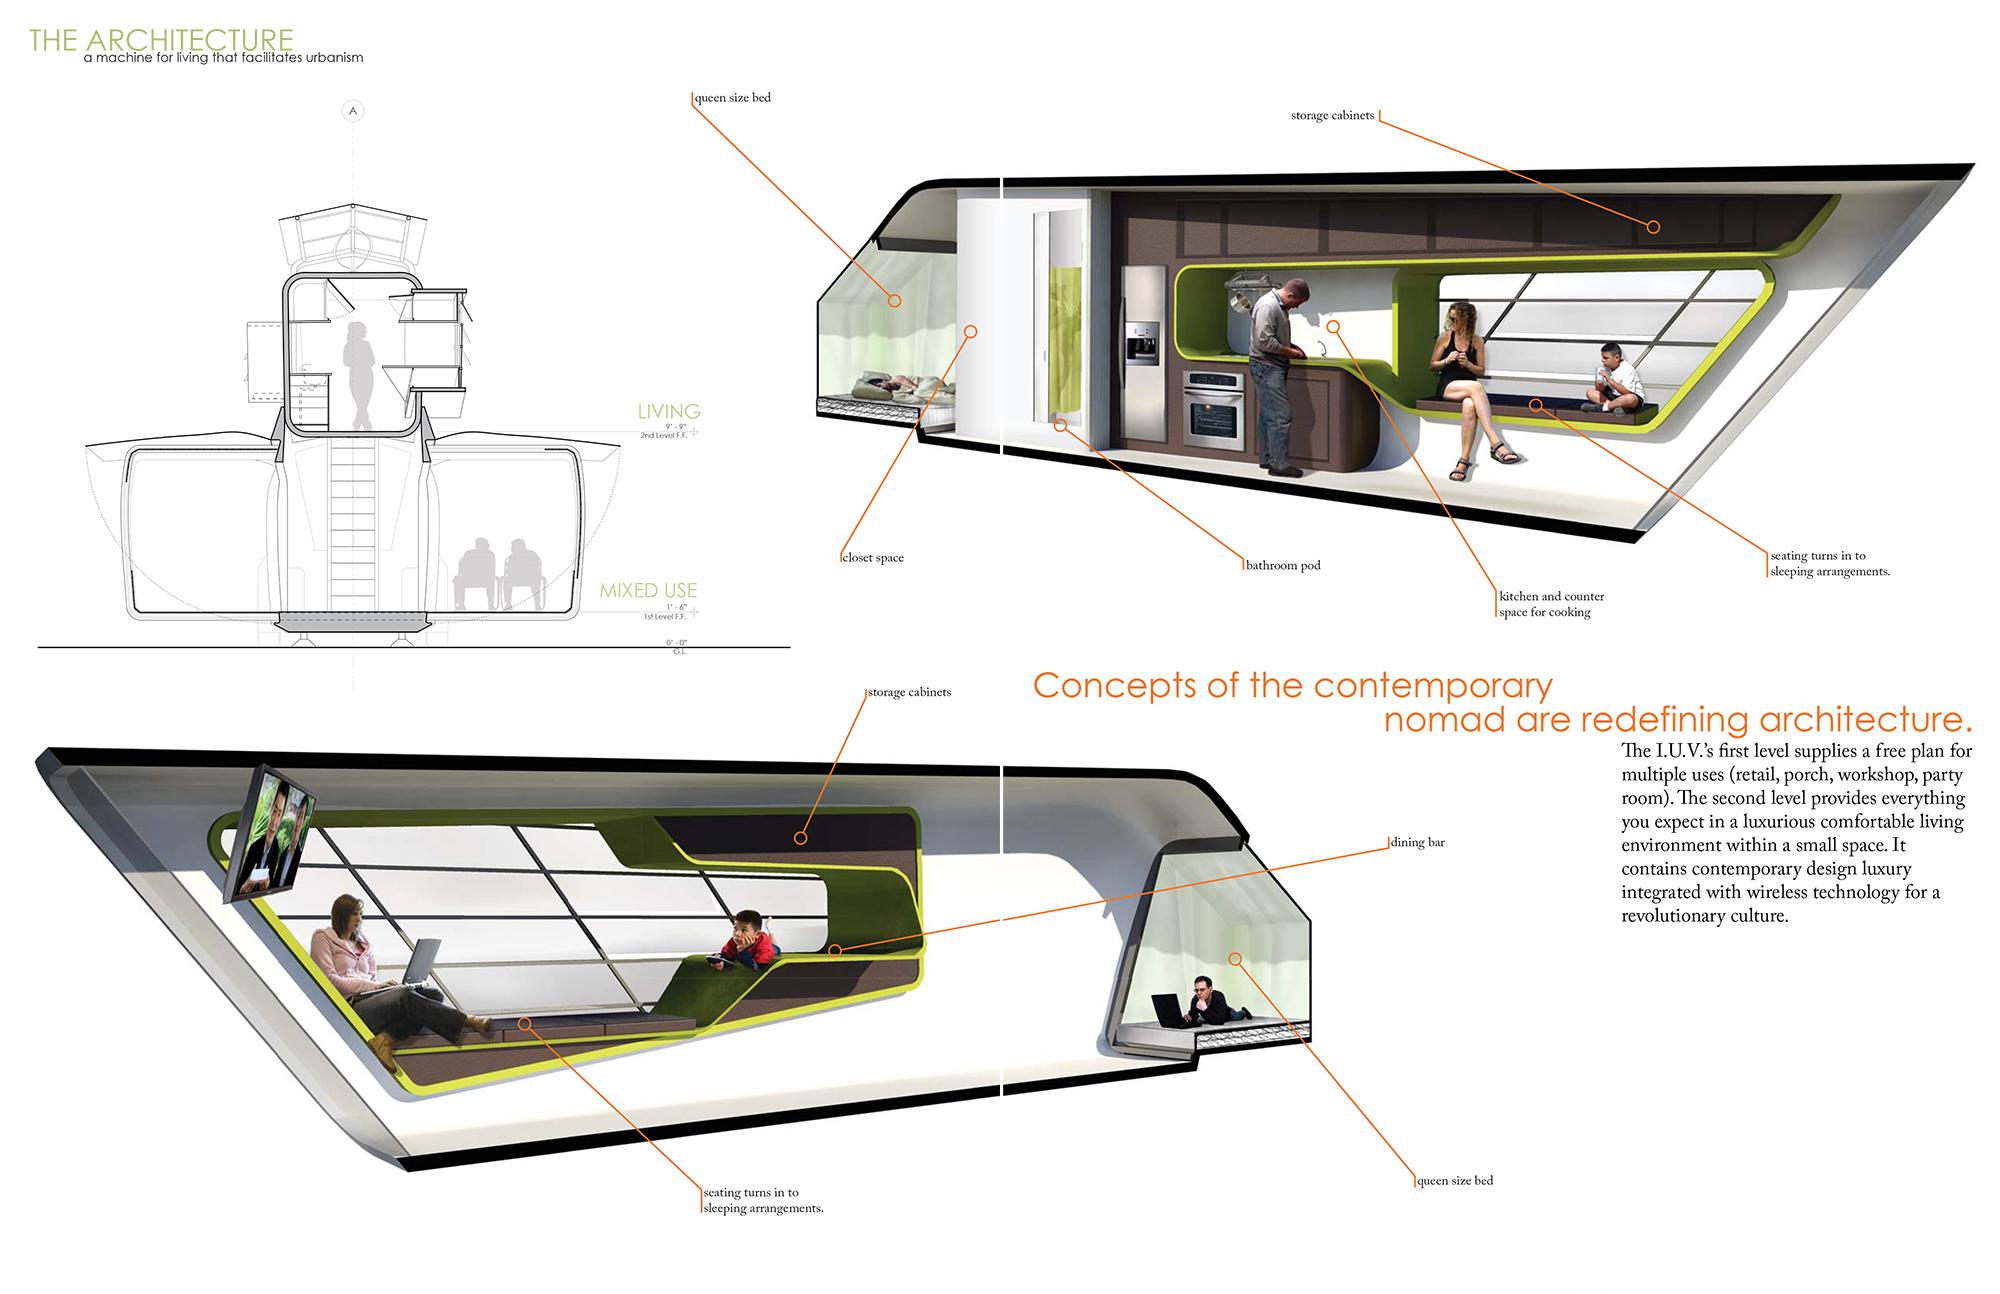 7_ARCHITCETURE.autonomy.ai